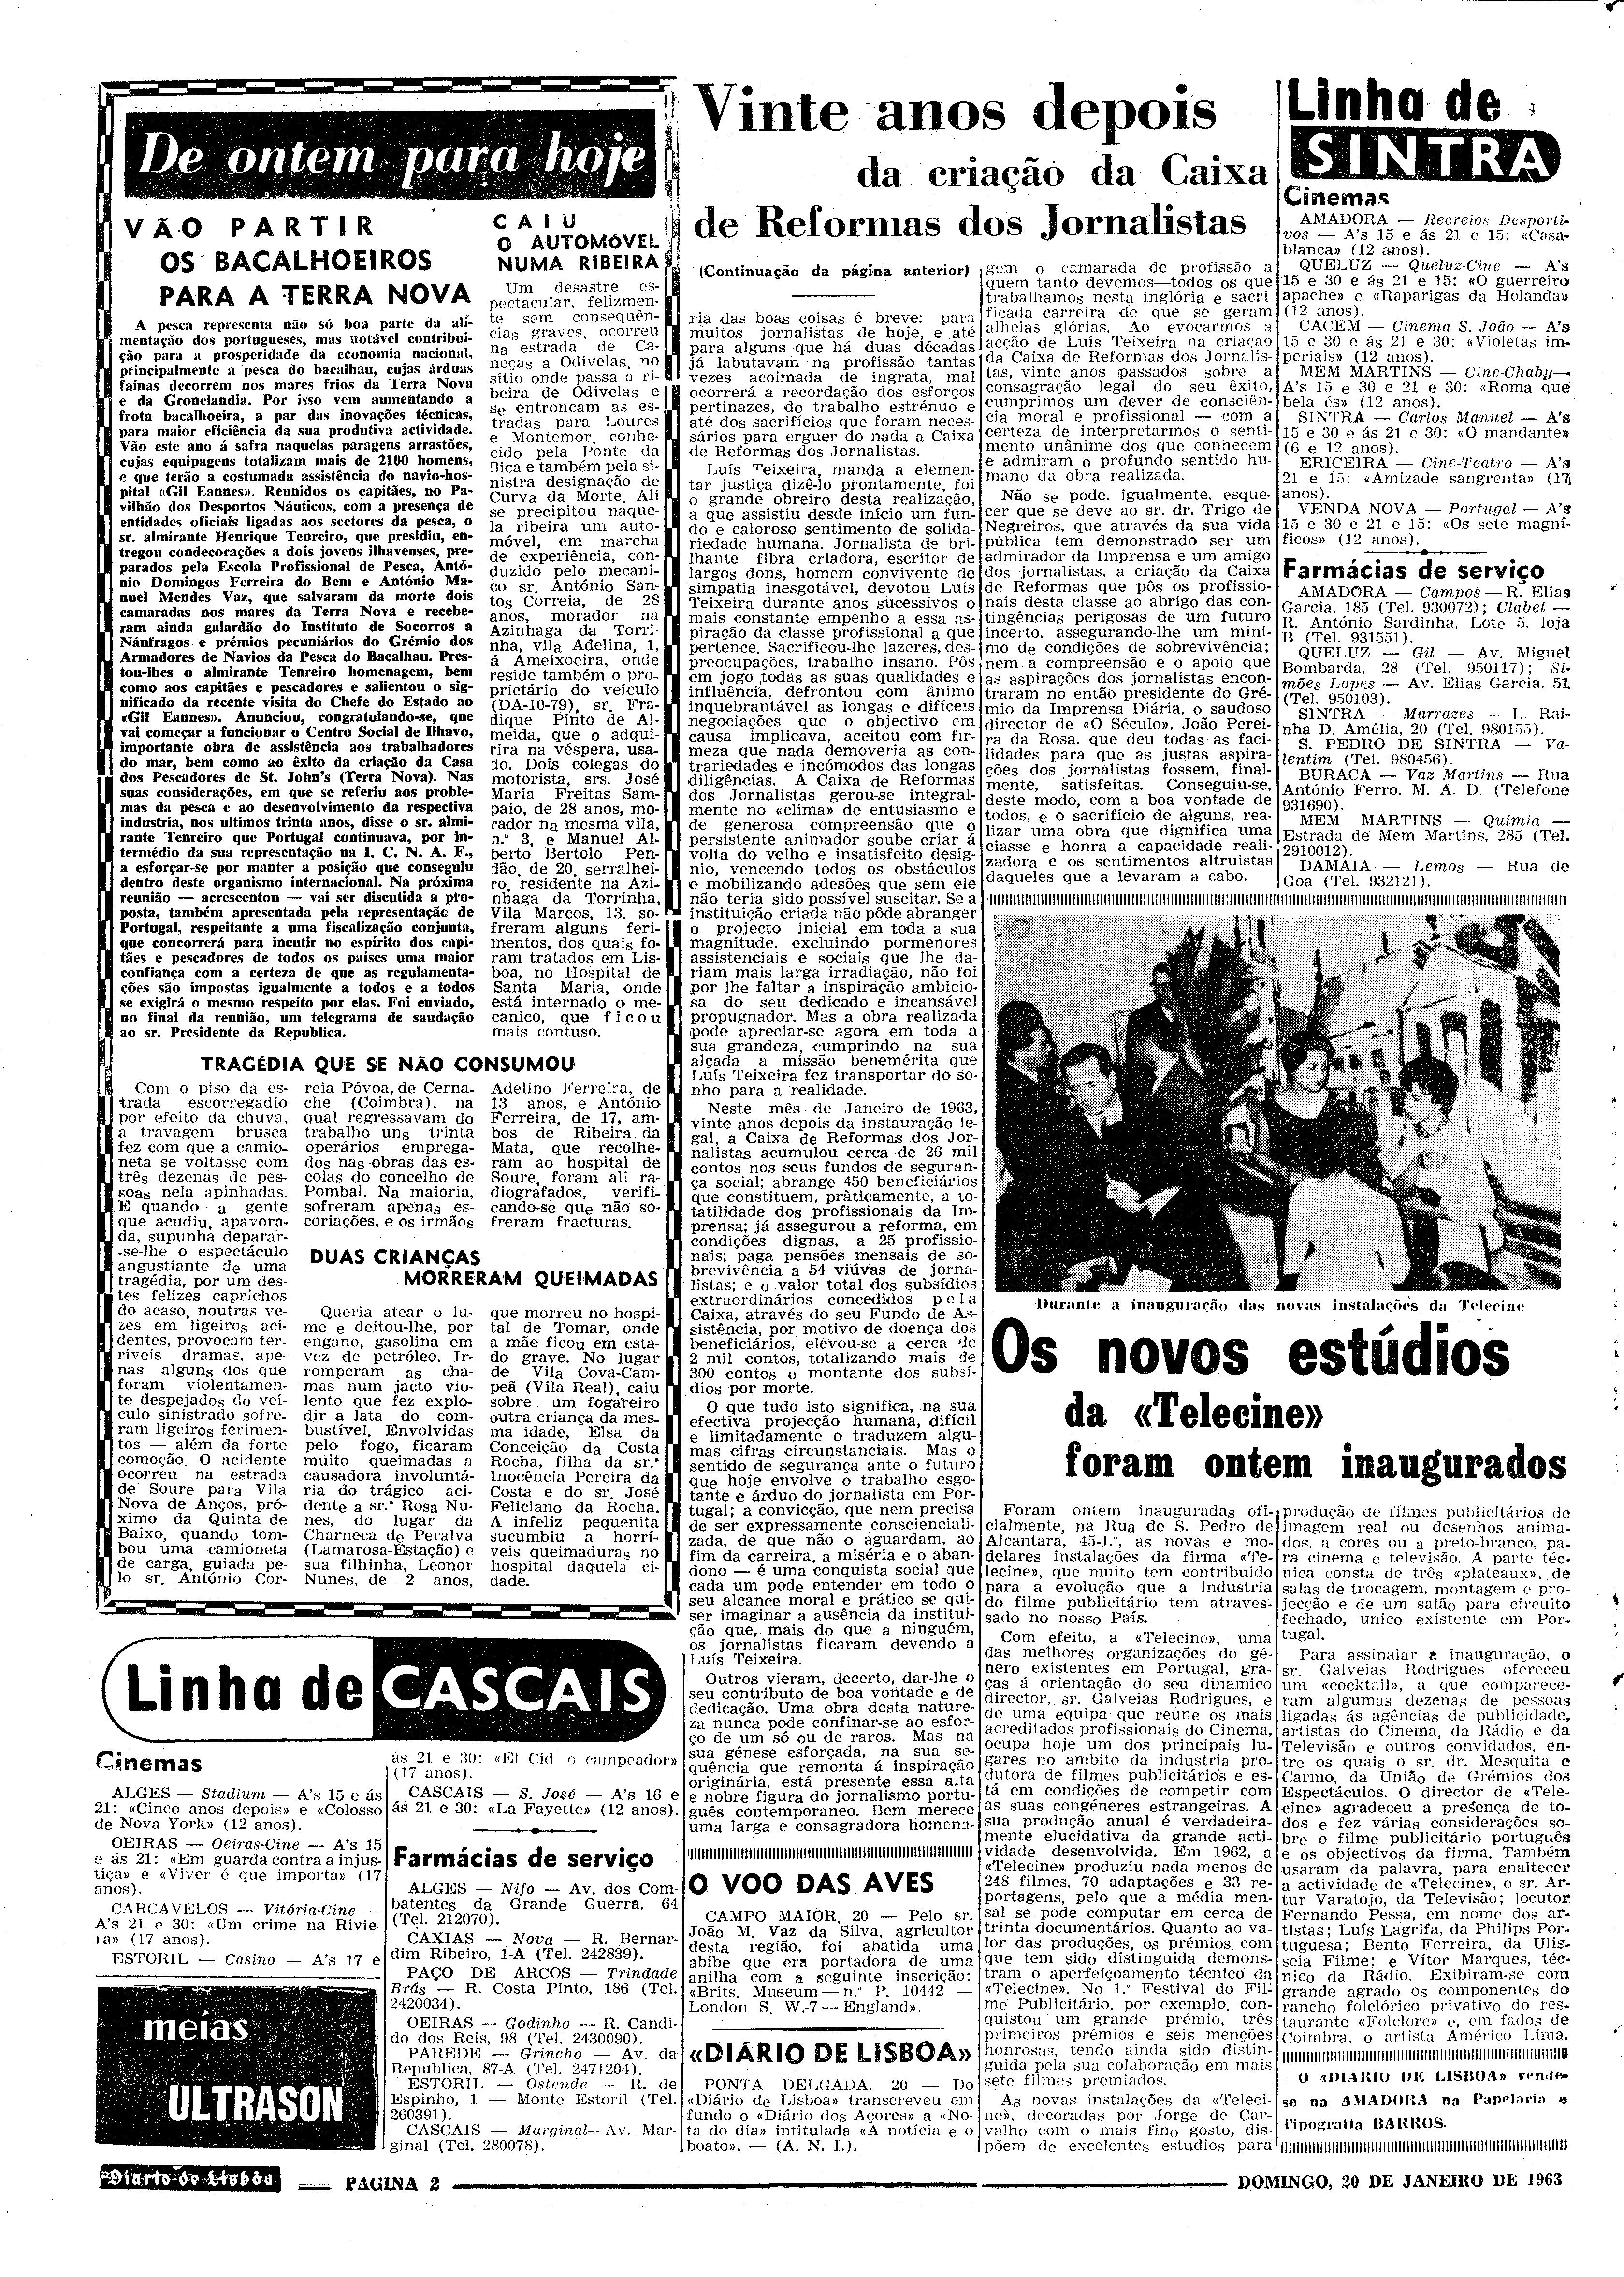 06547.085.18142- pag.2